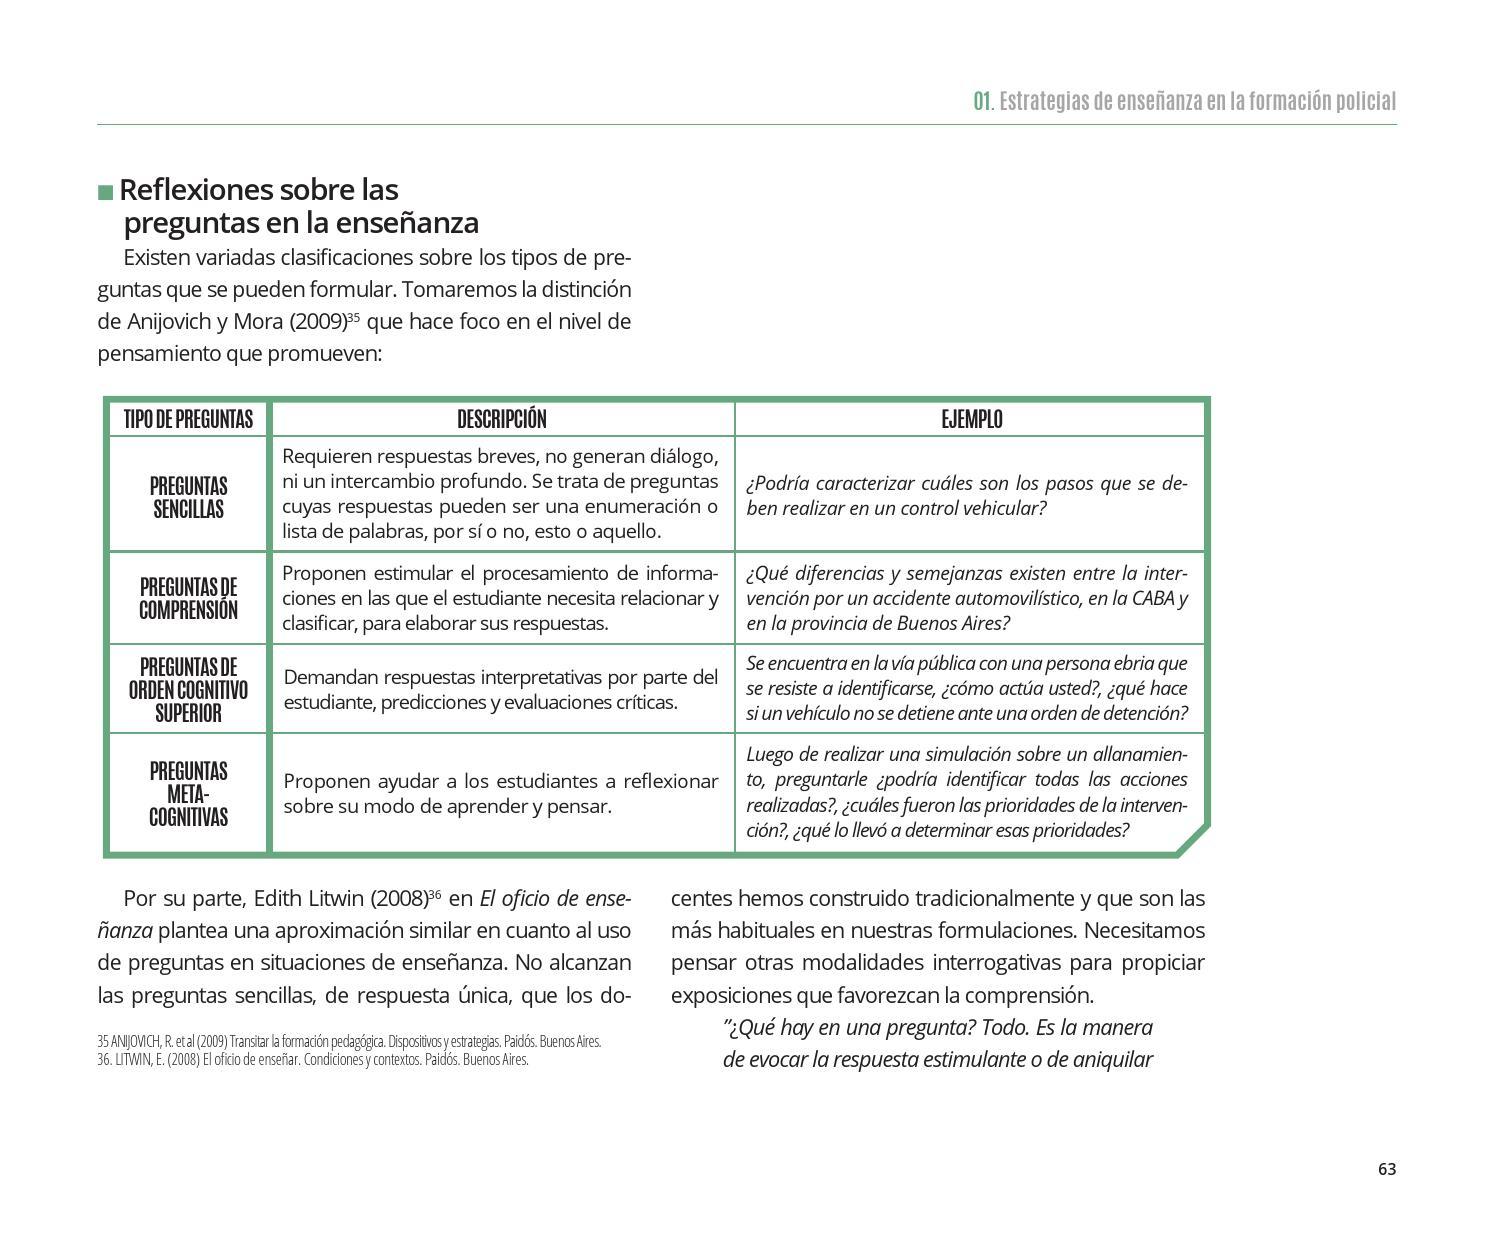 3 Estrategias De Ensenanza Y Evaluacion De Los Aprendizajes By Ministerio De Seguridad De La Republica Argentina Issuu